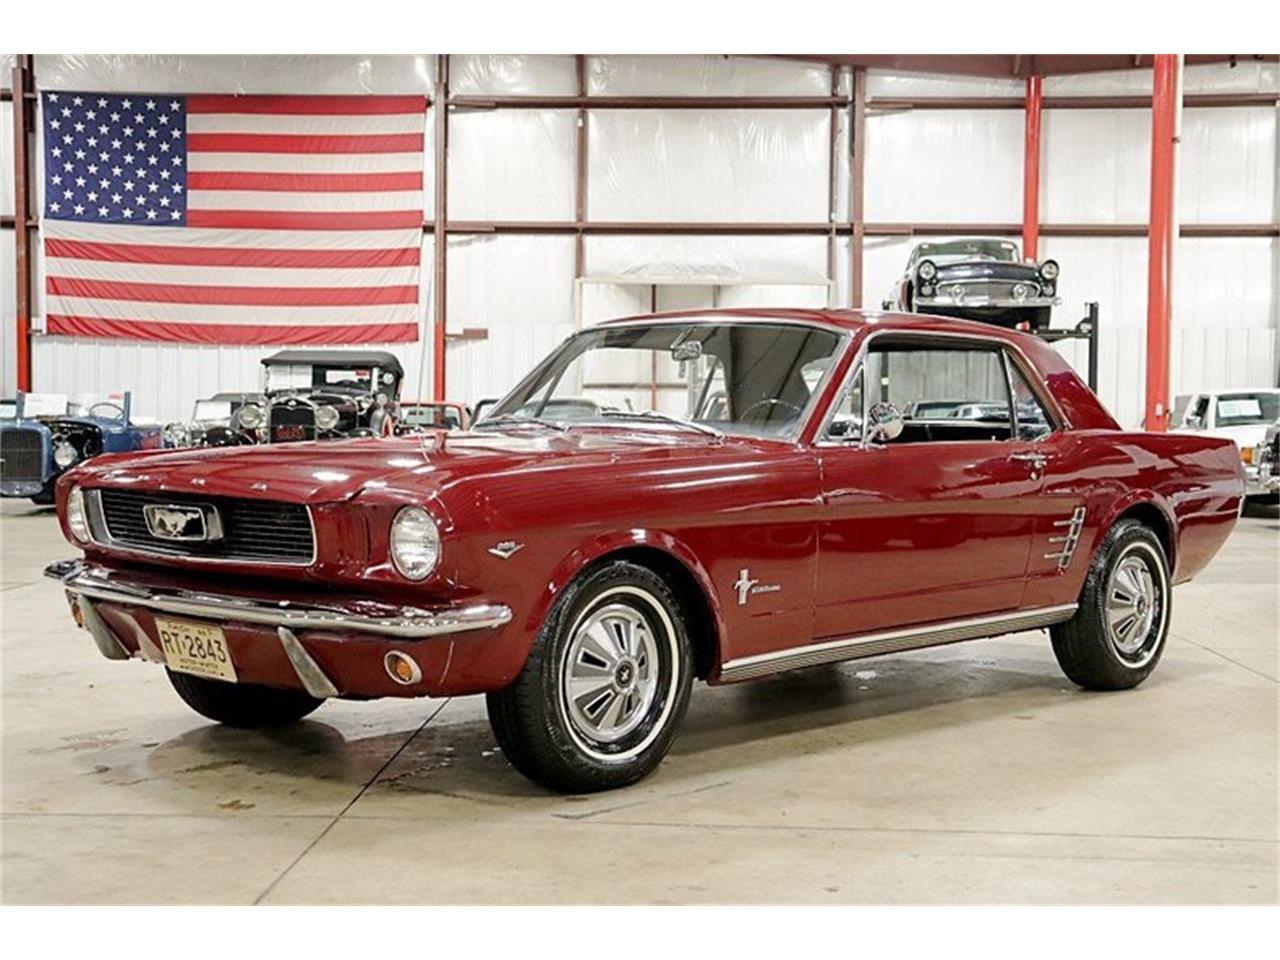 Ford Mustang 100 photos dispo v8 289 1966 prix tout compris 1966